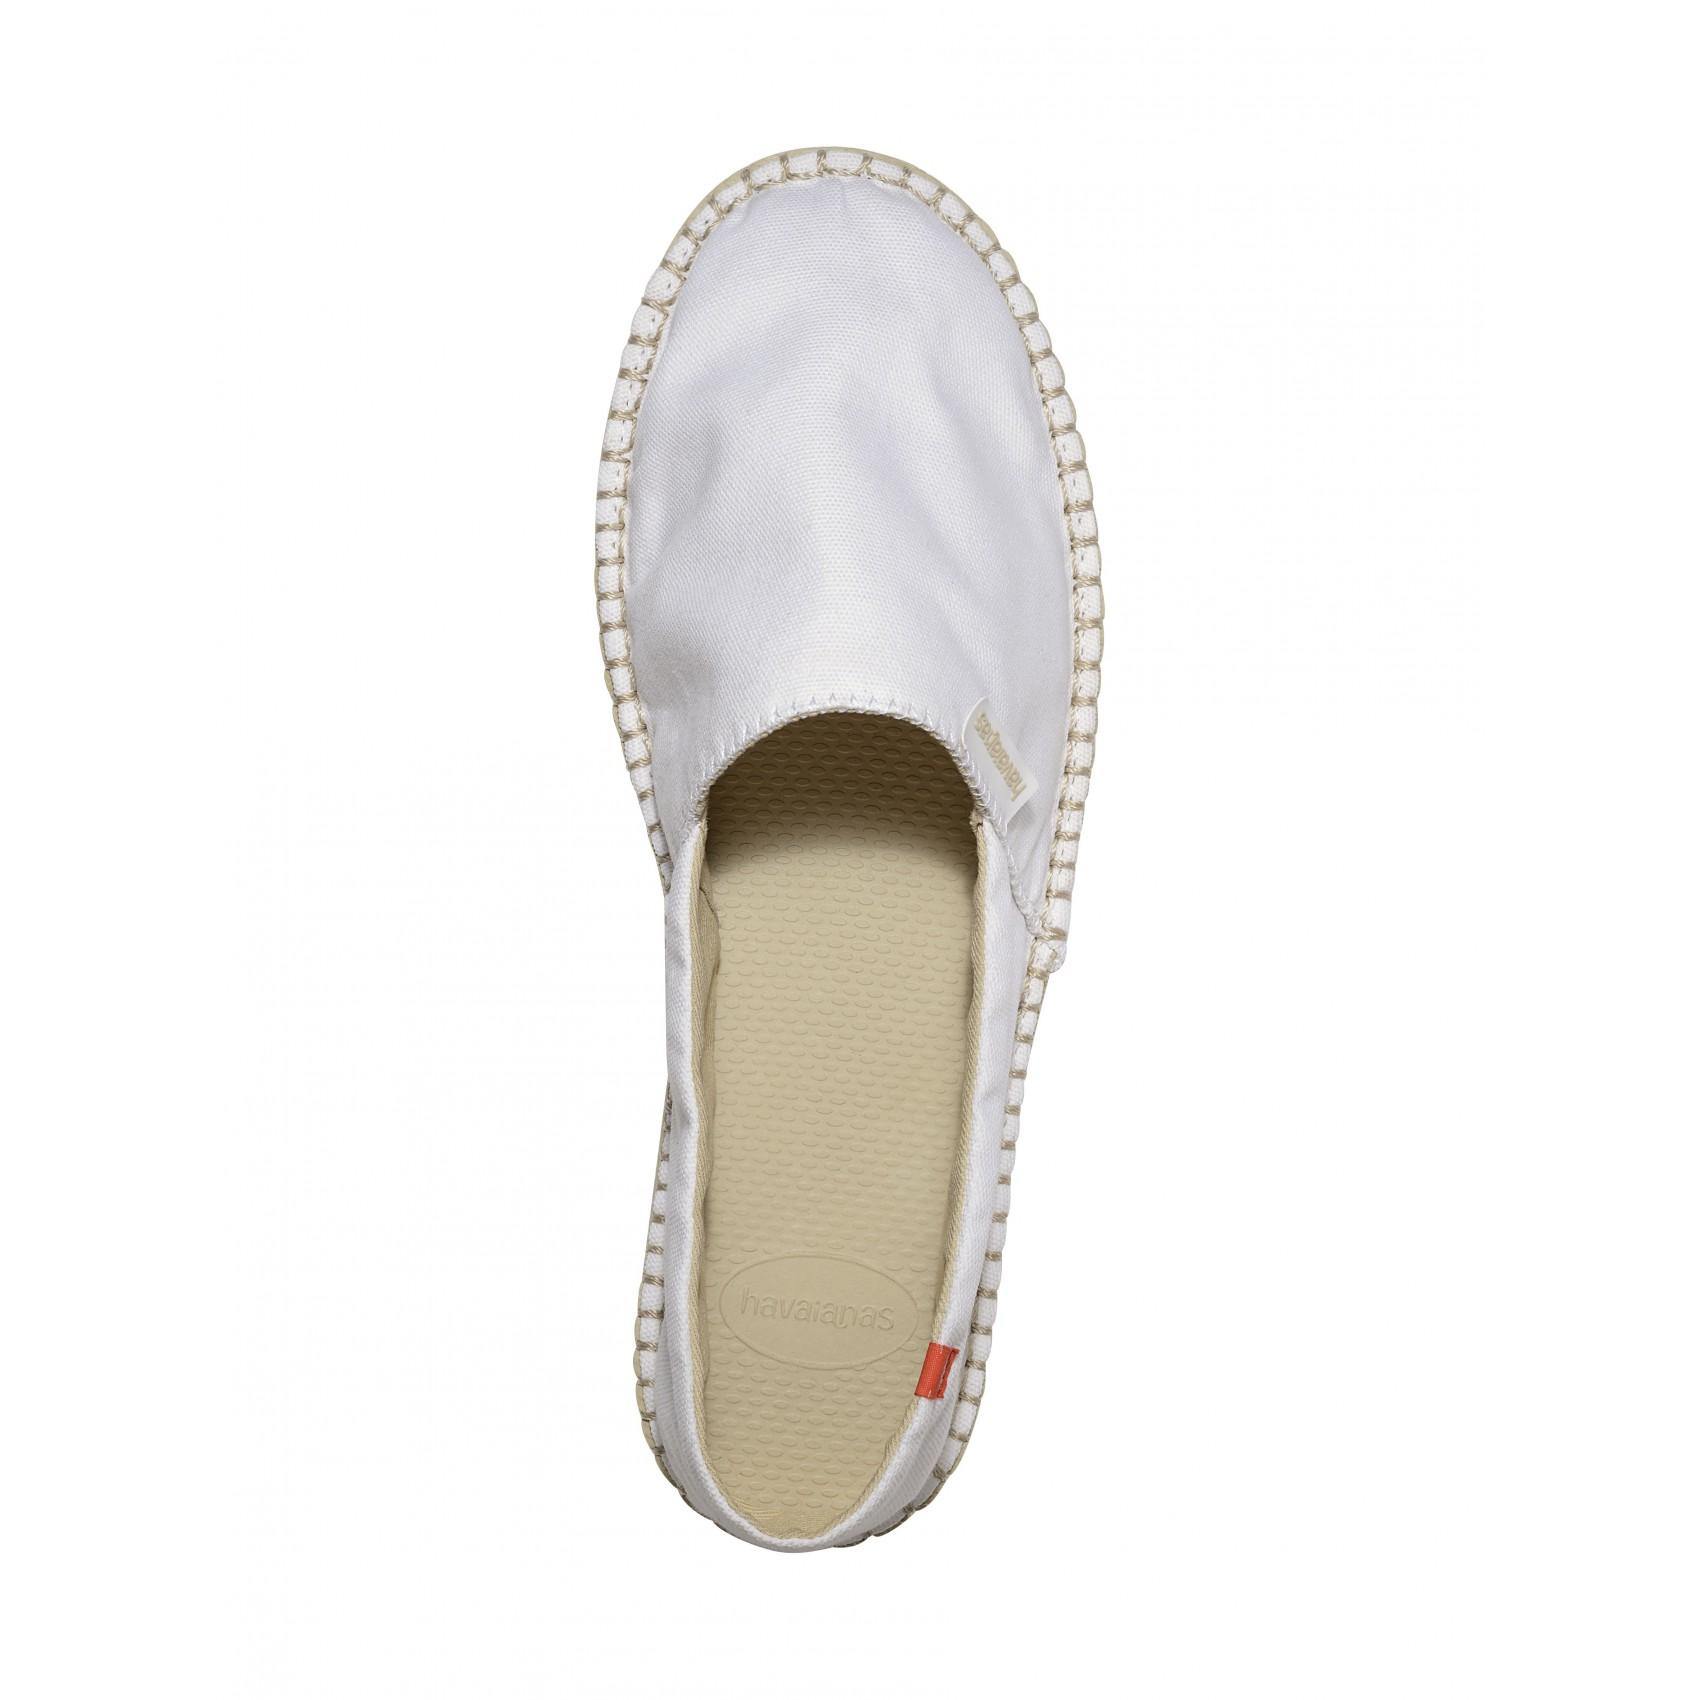 Chaussures Espadrilles ado uni Origine